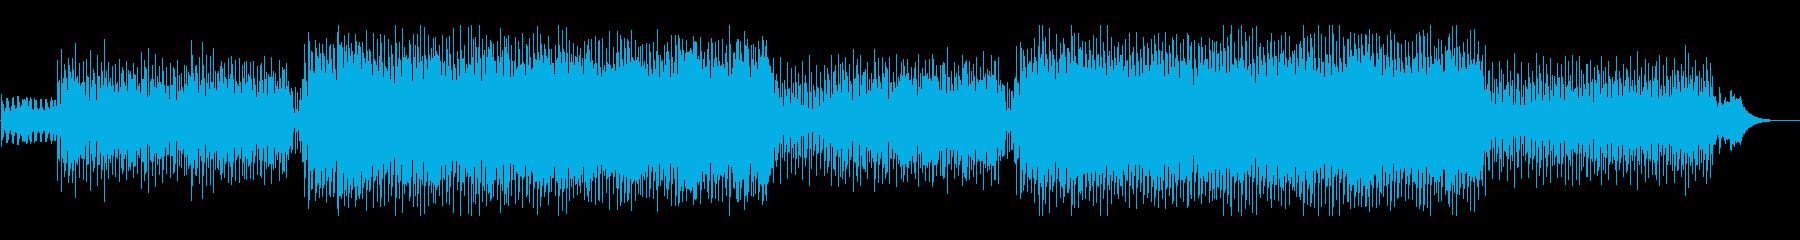 電子/ニューエイジ楽器。エキゾチッ...の再生済みの波形